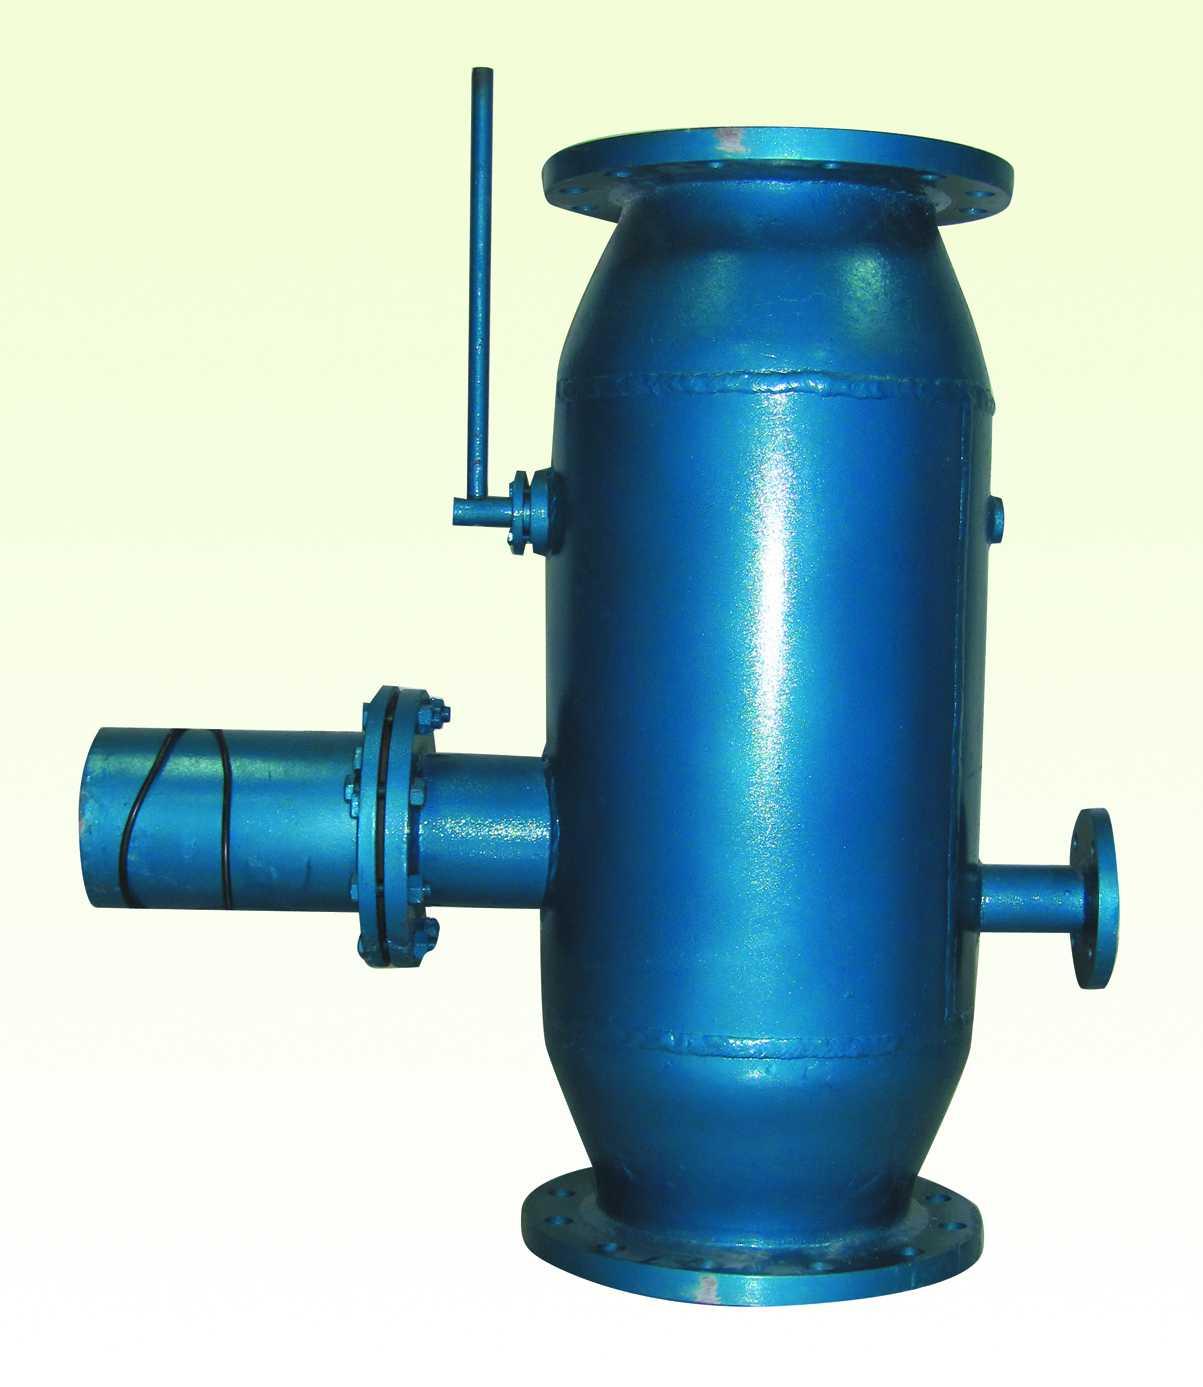 射频电子水处理器|水处理设备|综合水处理设备|射频特点